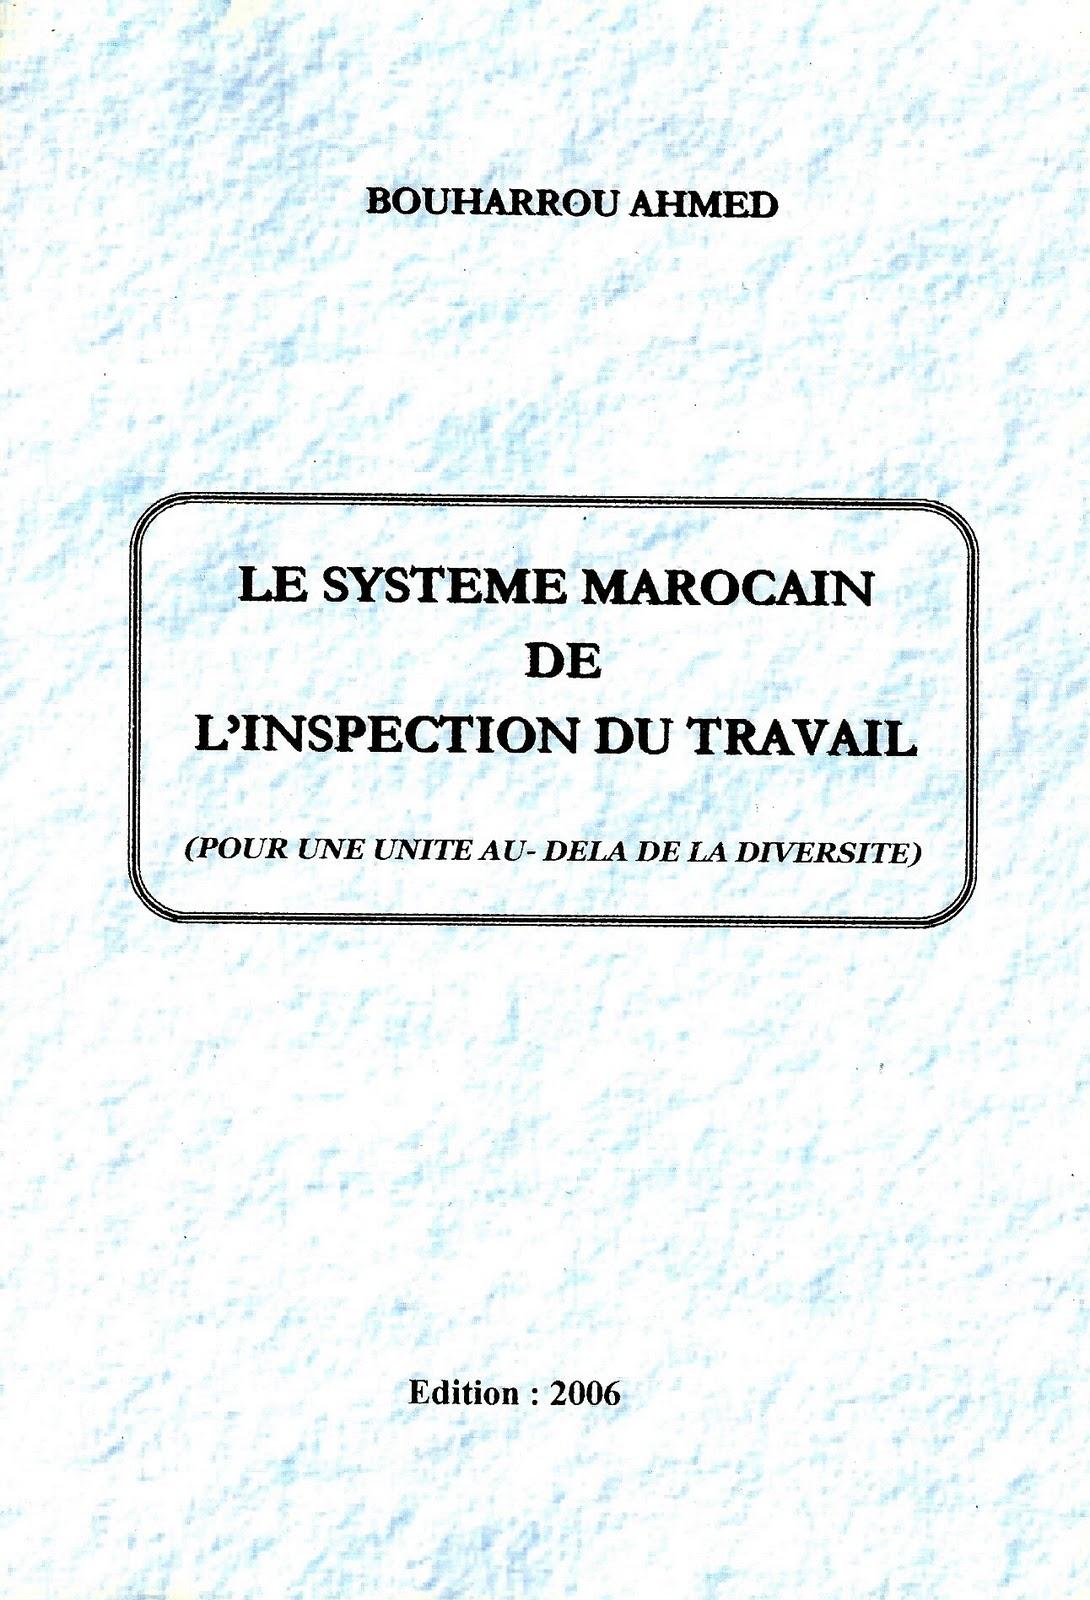 publications de bouharrou ahmed le syst me marocain de l 39 inspection du travail 2006. Black Bedroom Furniture Sets. Home Design Ideas